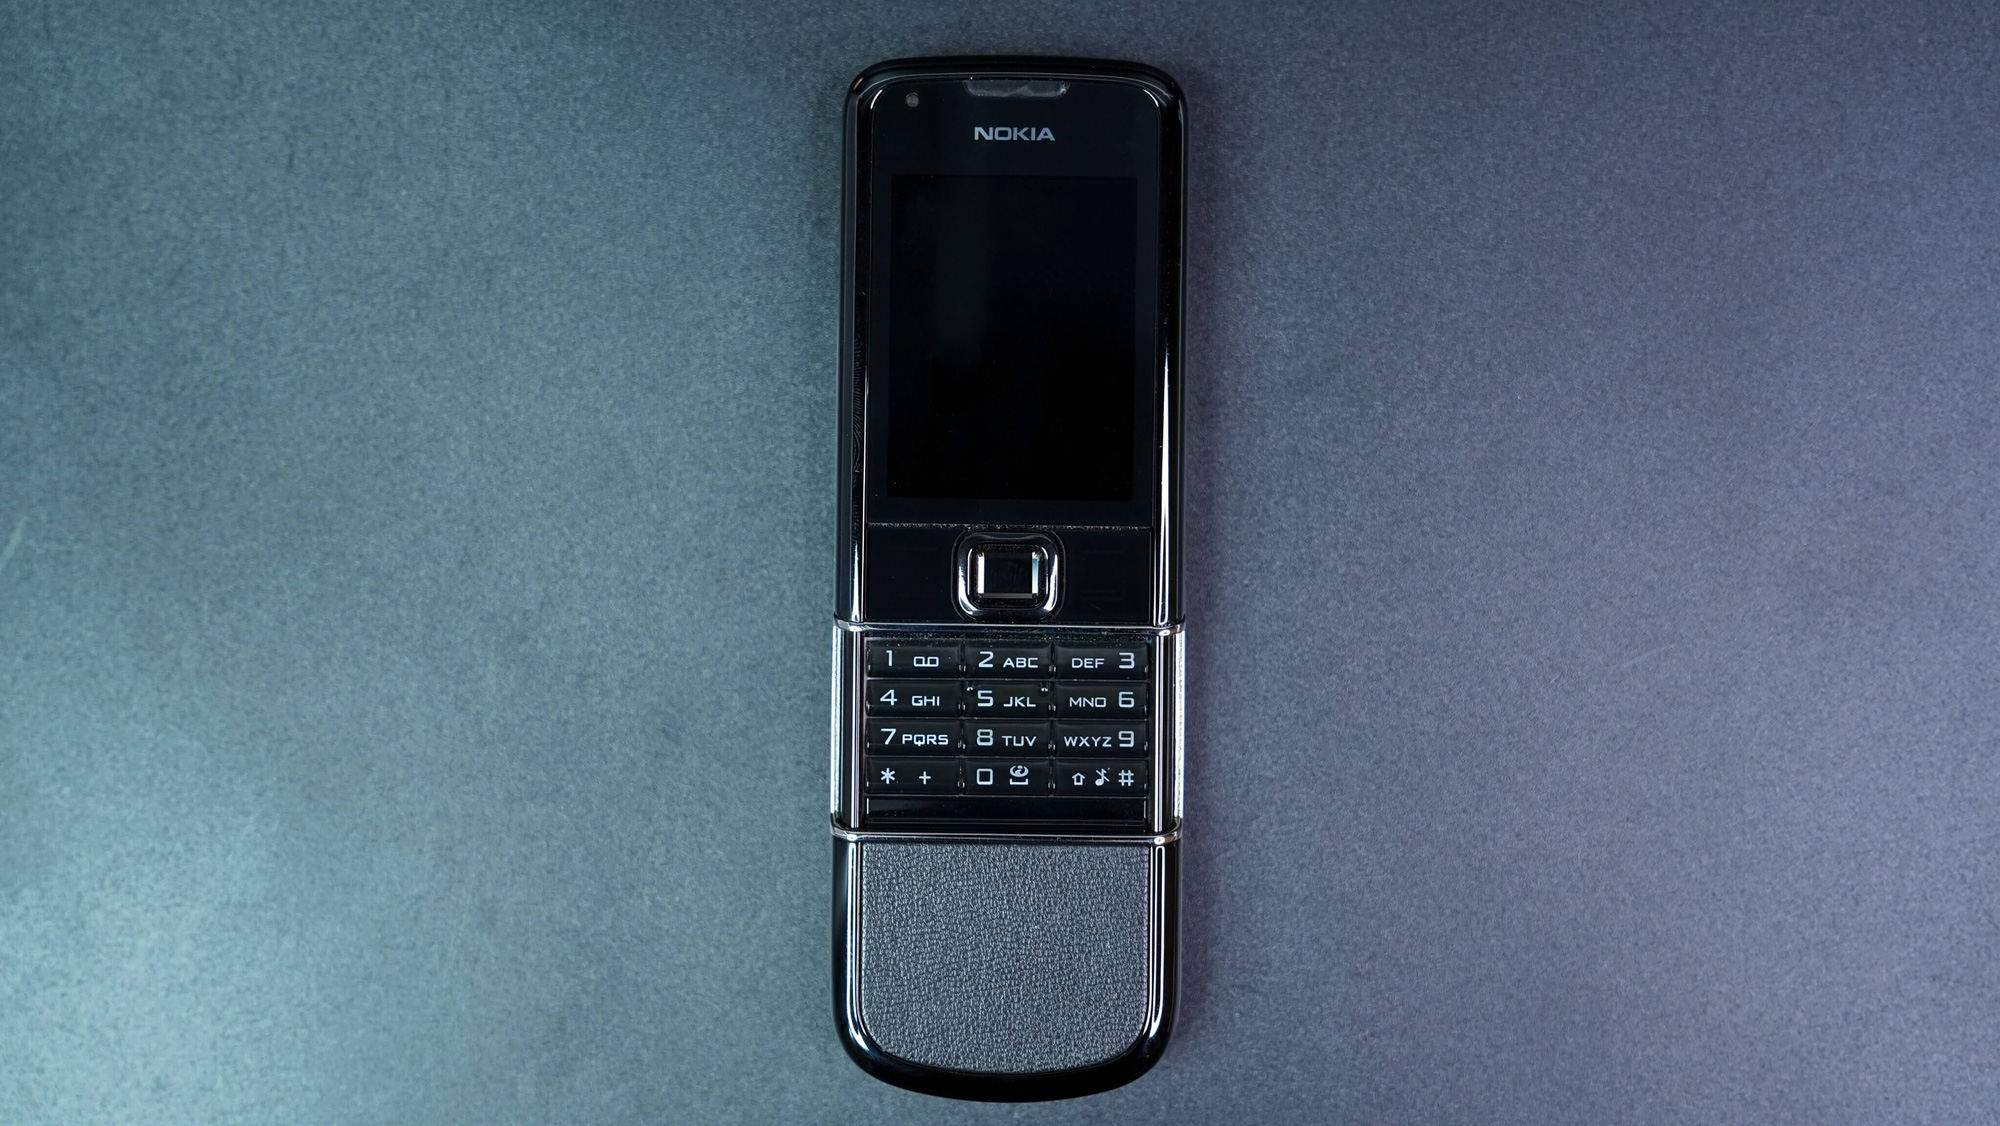 """Đây là điều làm nên sự """"quý tộc"""" của điện thoại Nokia 8800 - Ảnh 1."""